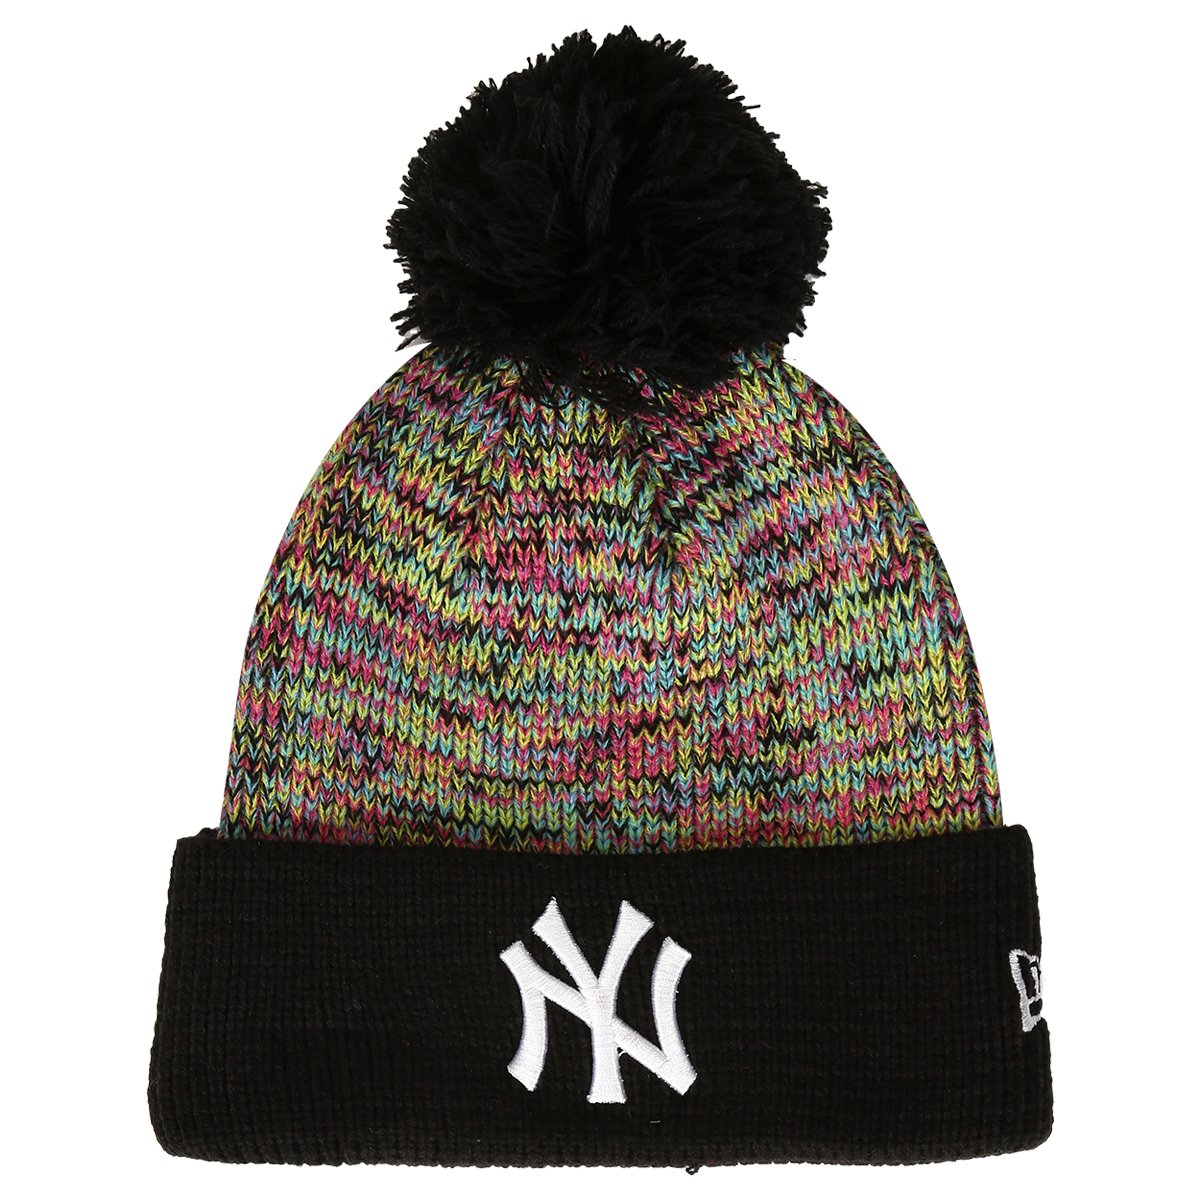 a74a57b8b3f7b Gorro New Era MLB Multi Pop Knit New York Yankees - Compre Agora ...